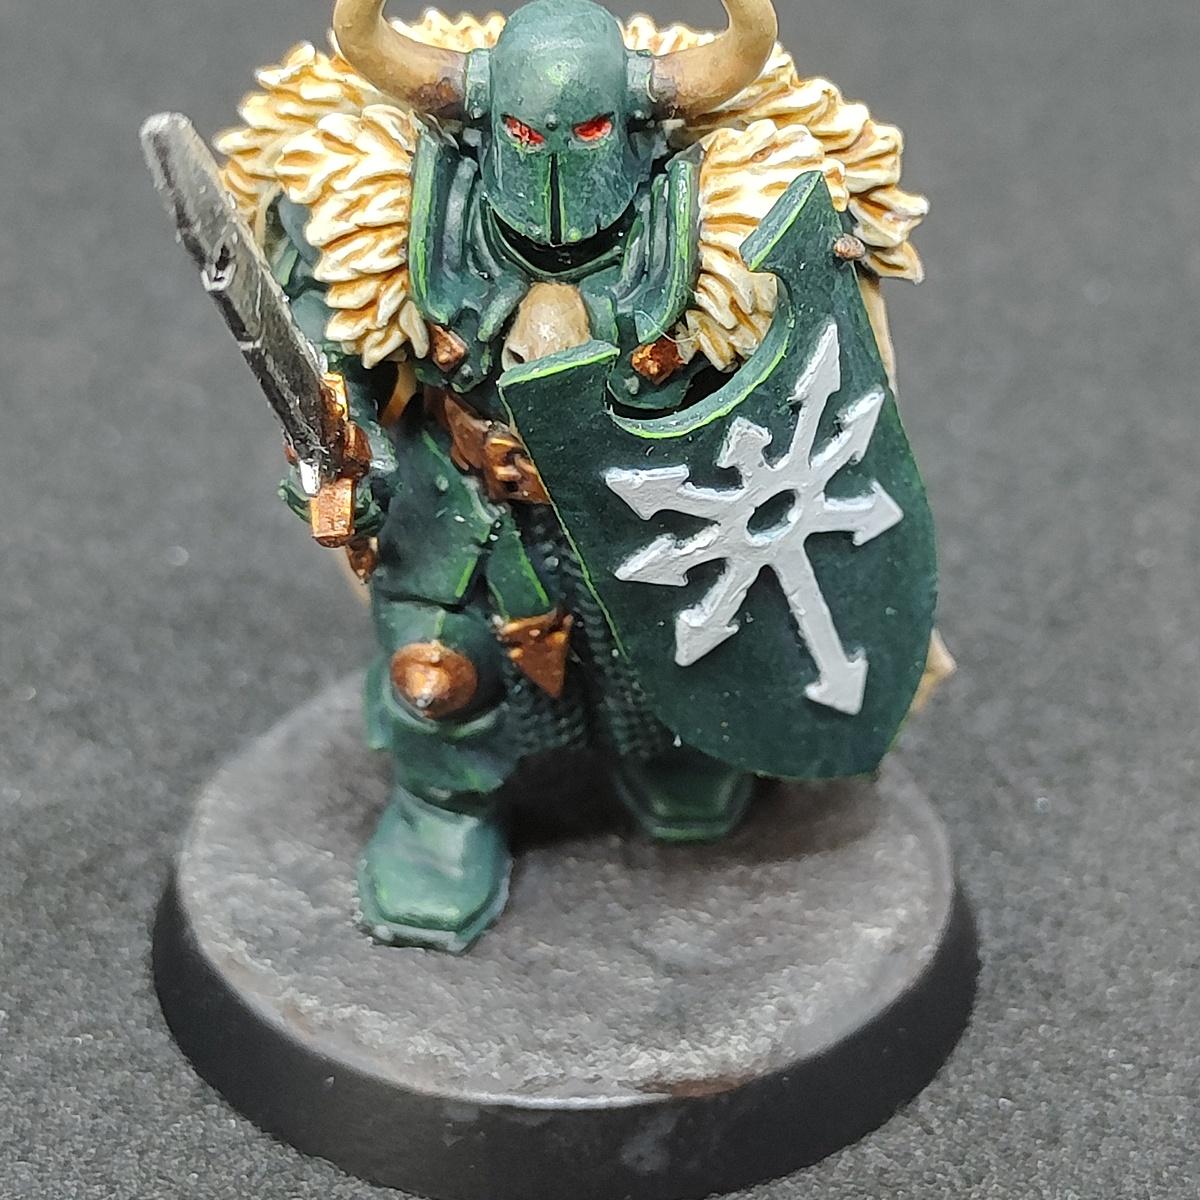 'Dark Angels' Chaos Warrior